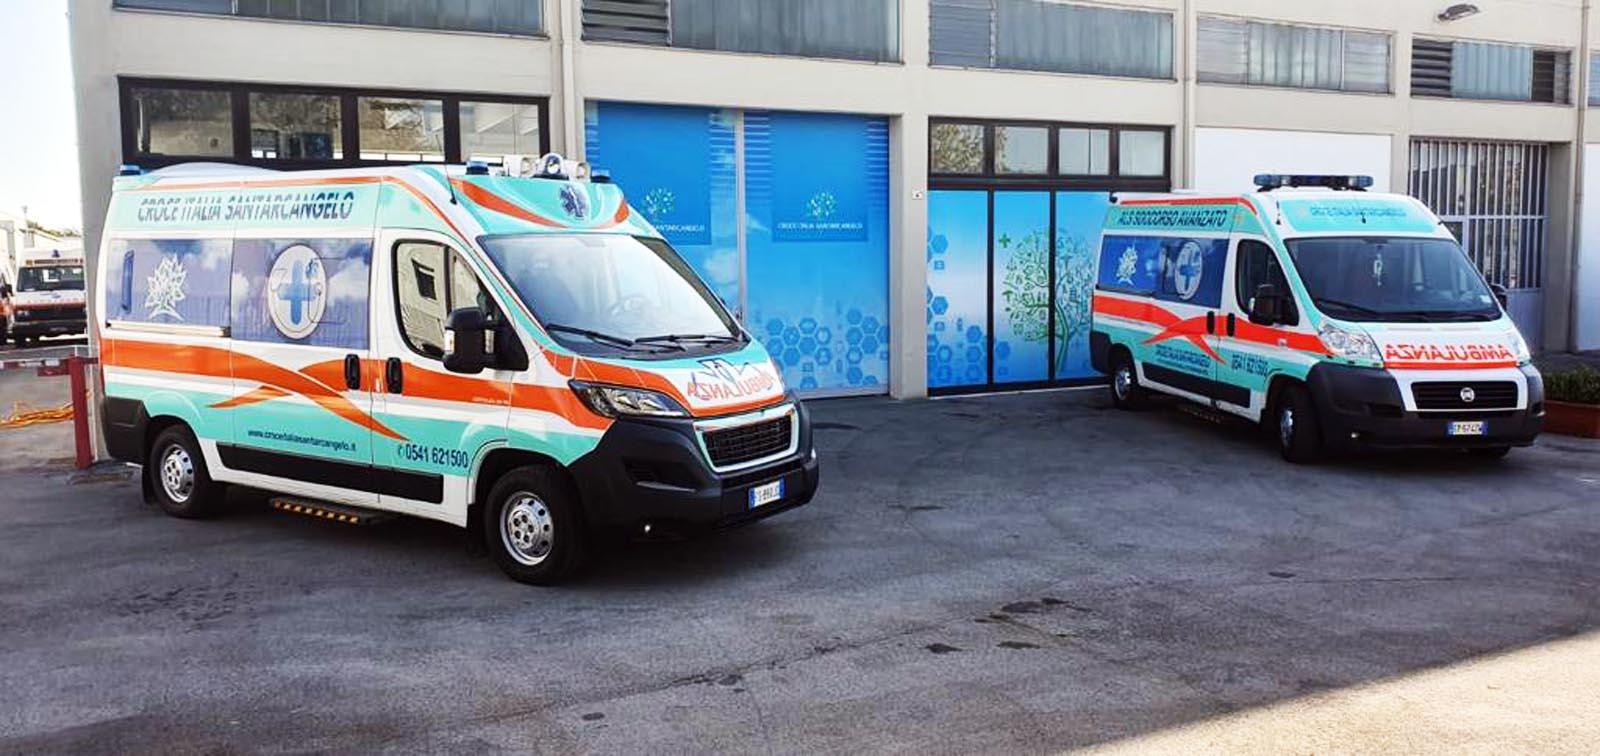 Ambulanza rapida e sei subito a casa!